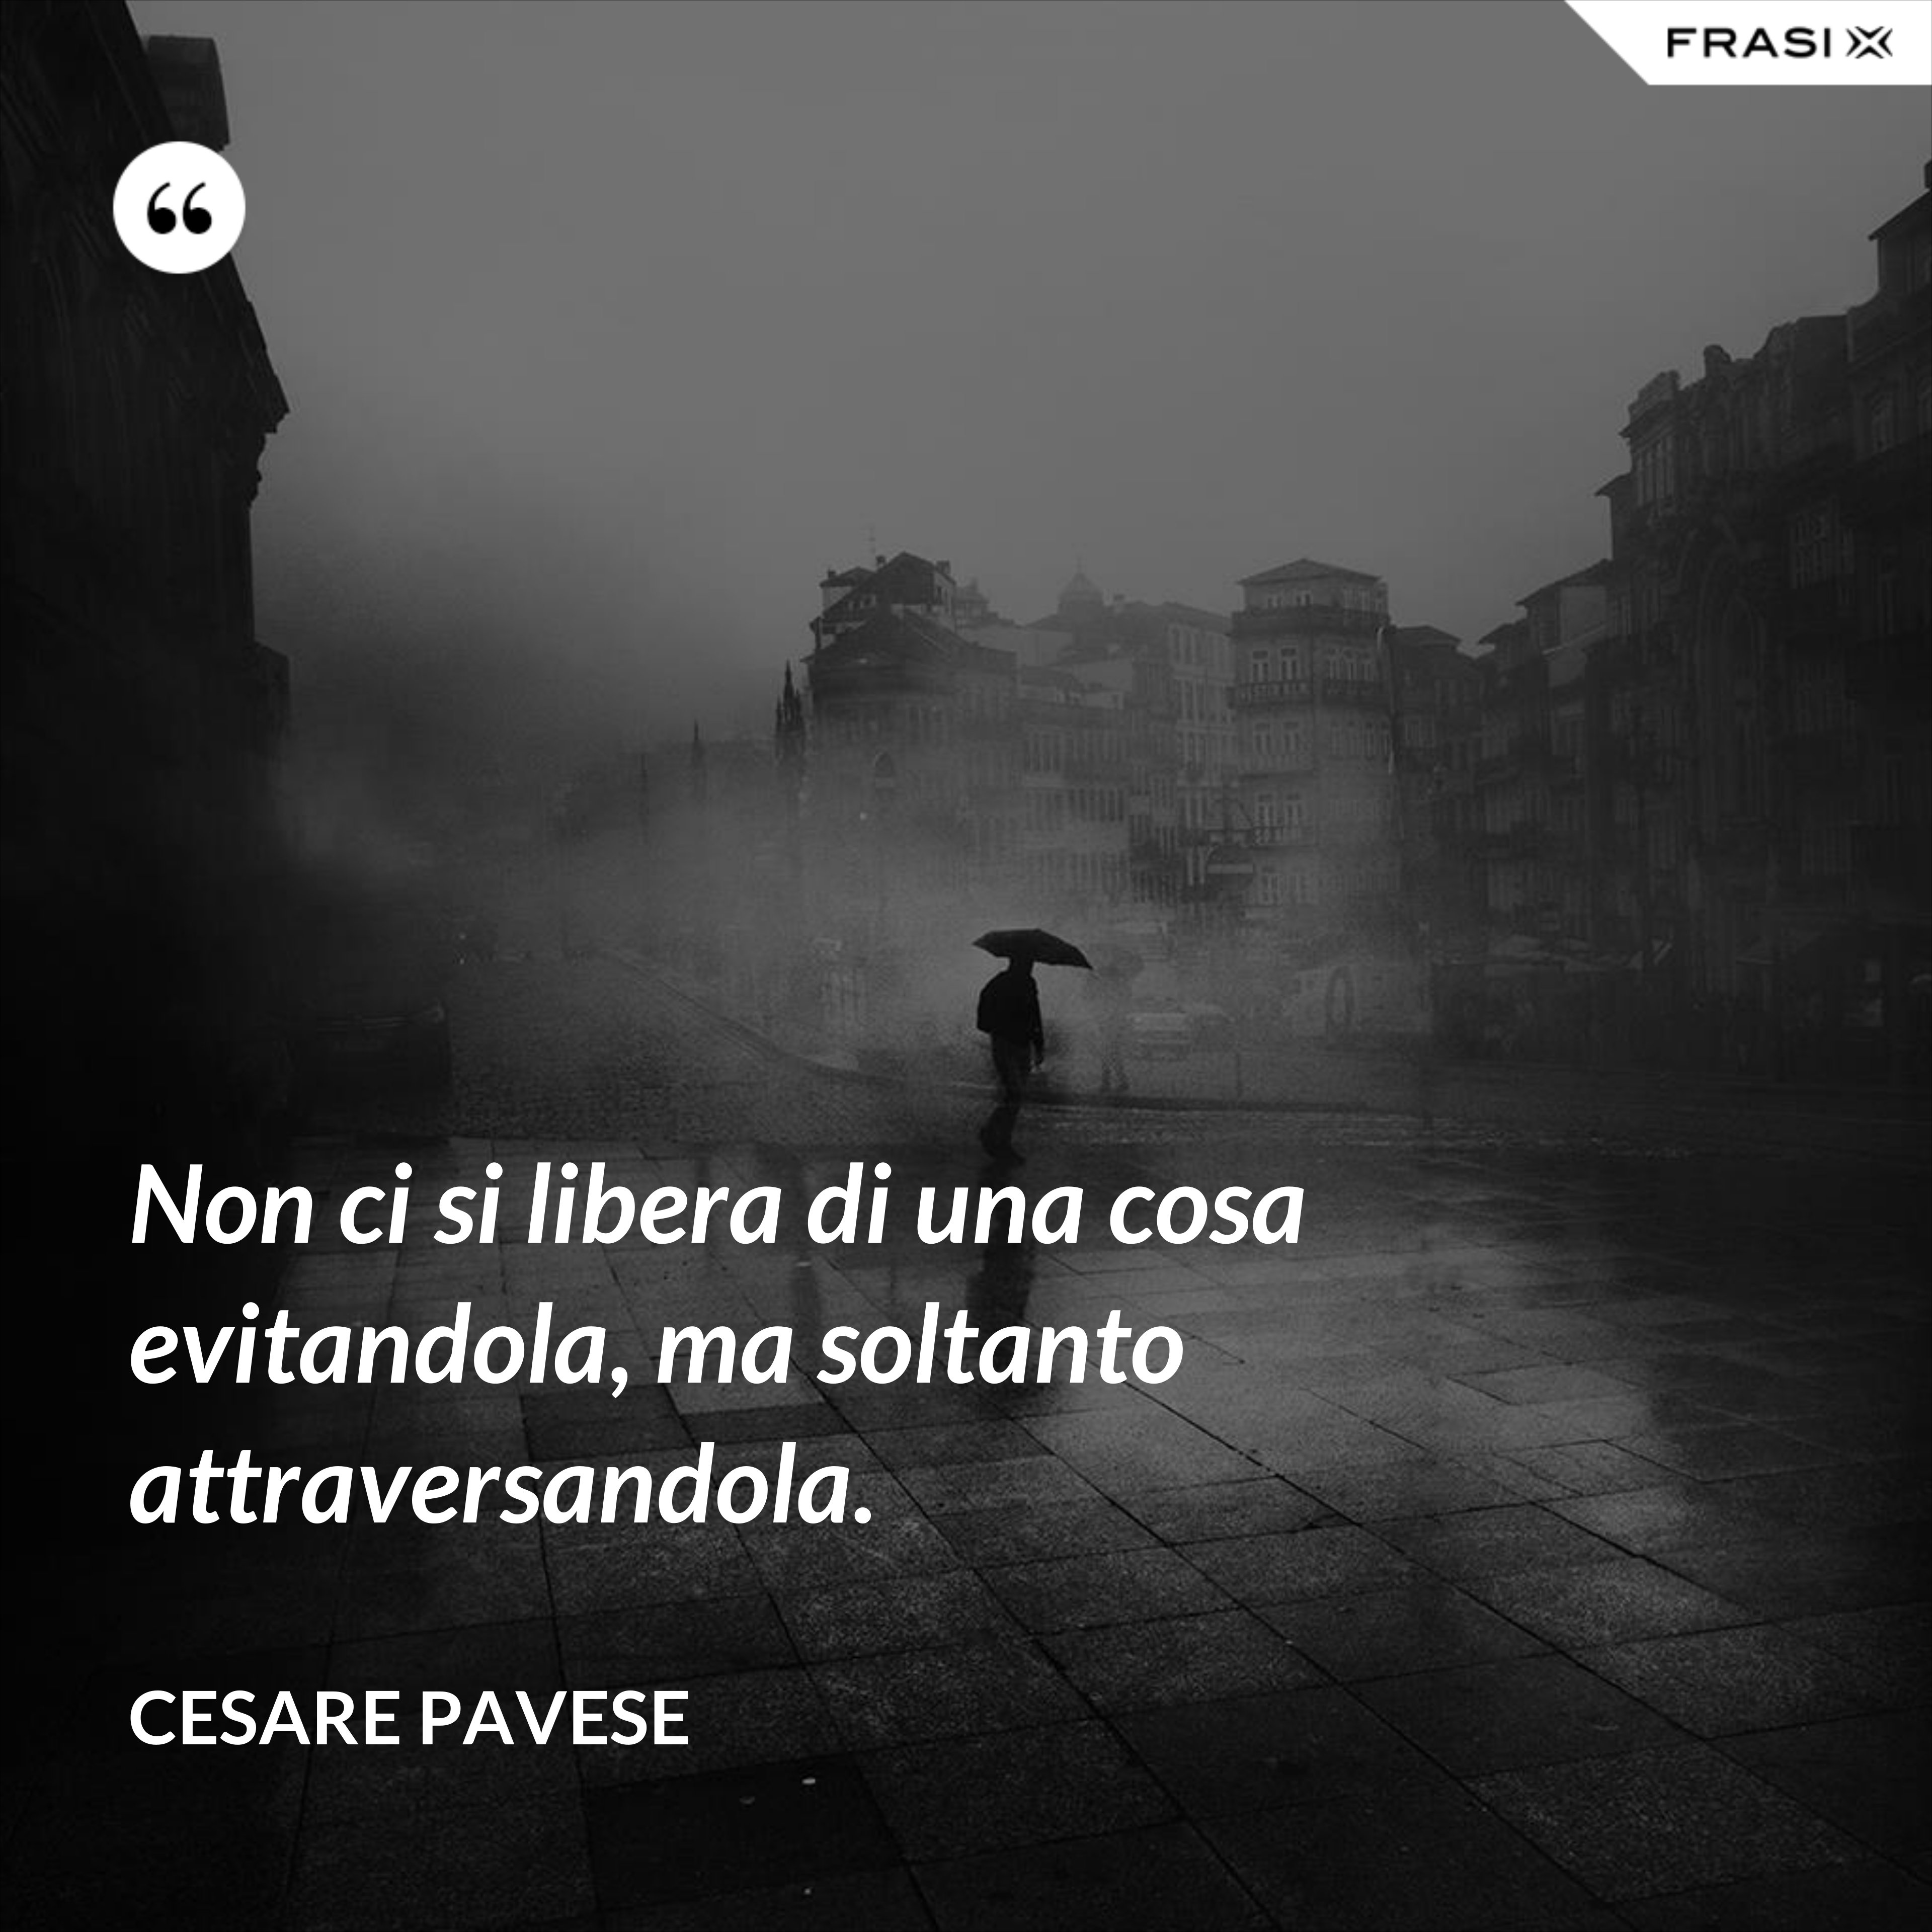 Non ci si libera di una cosa evitandola, ma soltanto attraversandola. - Cesare Pavese